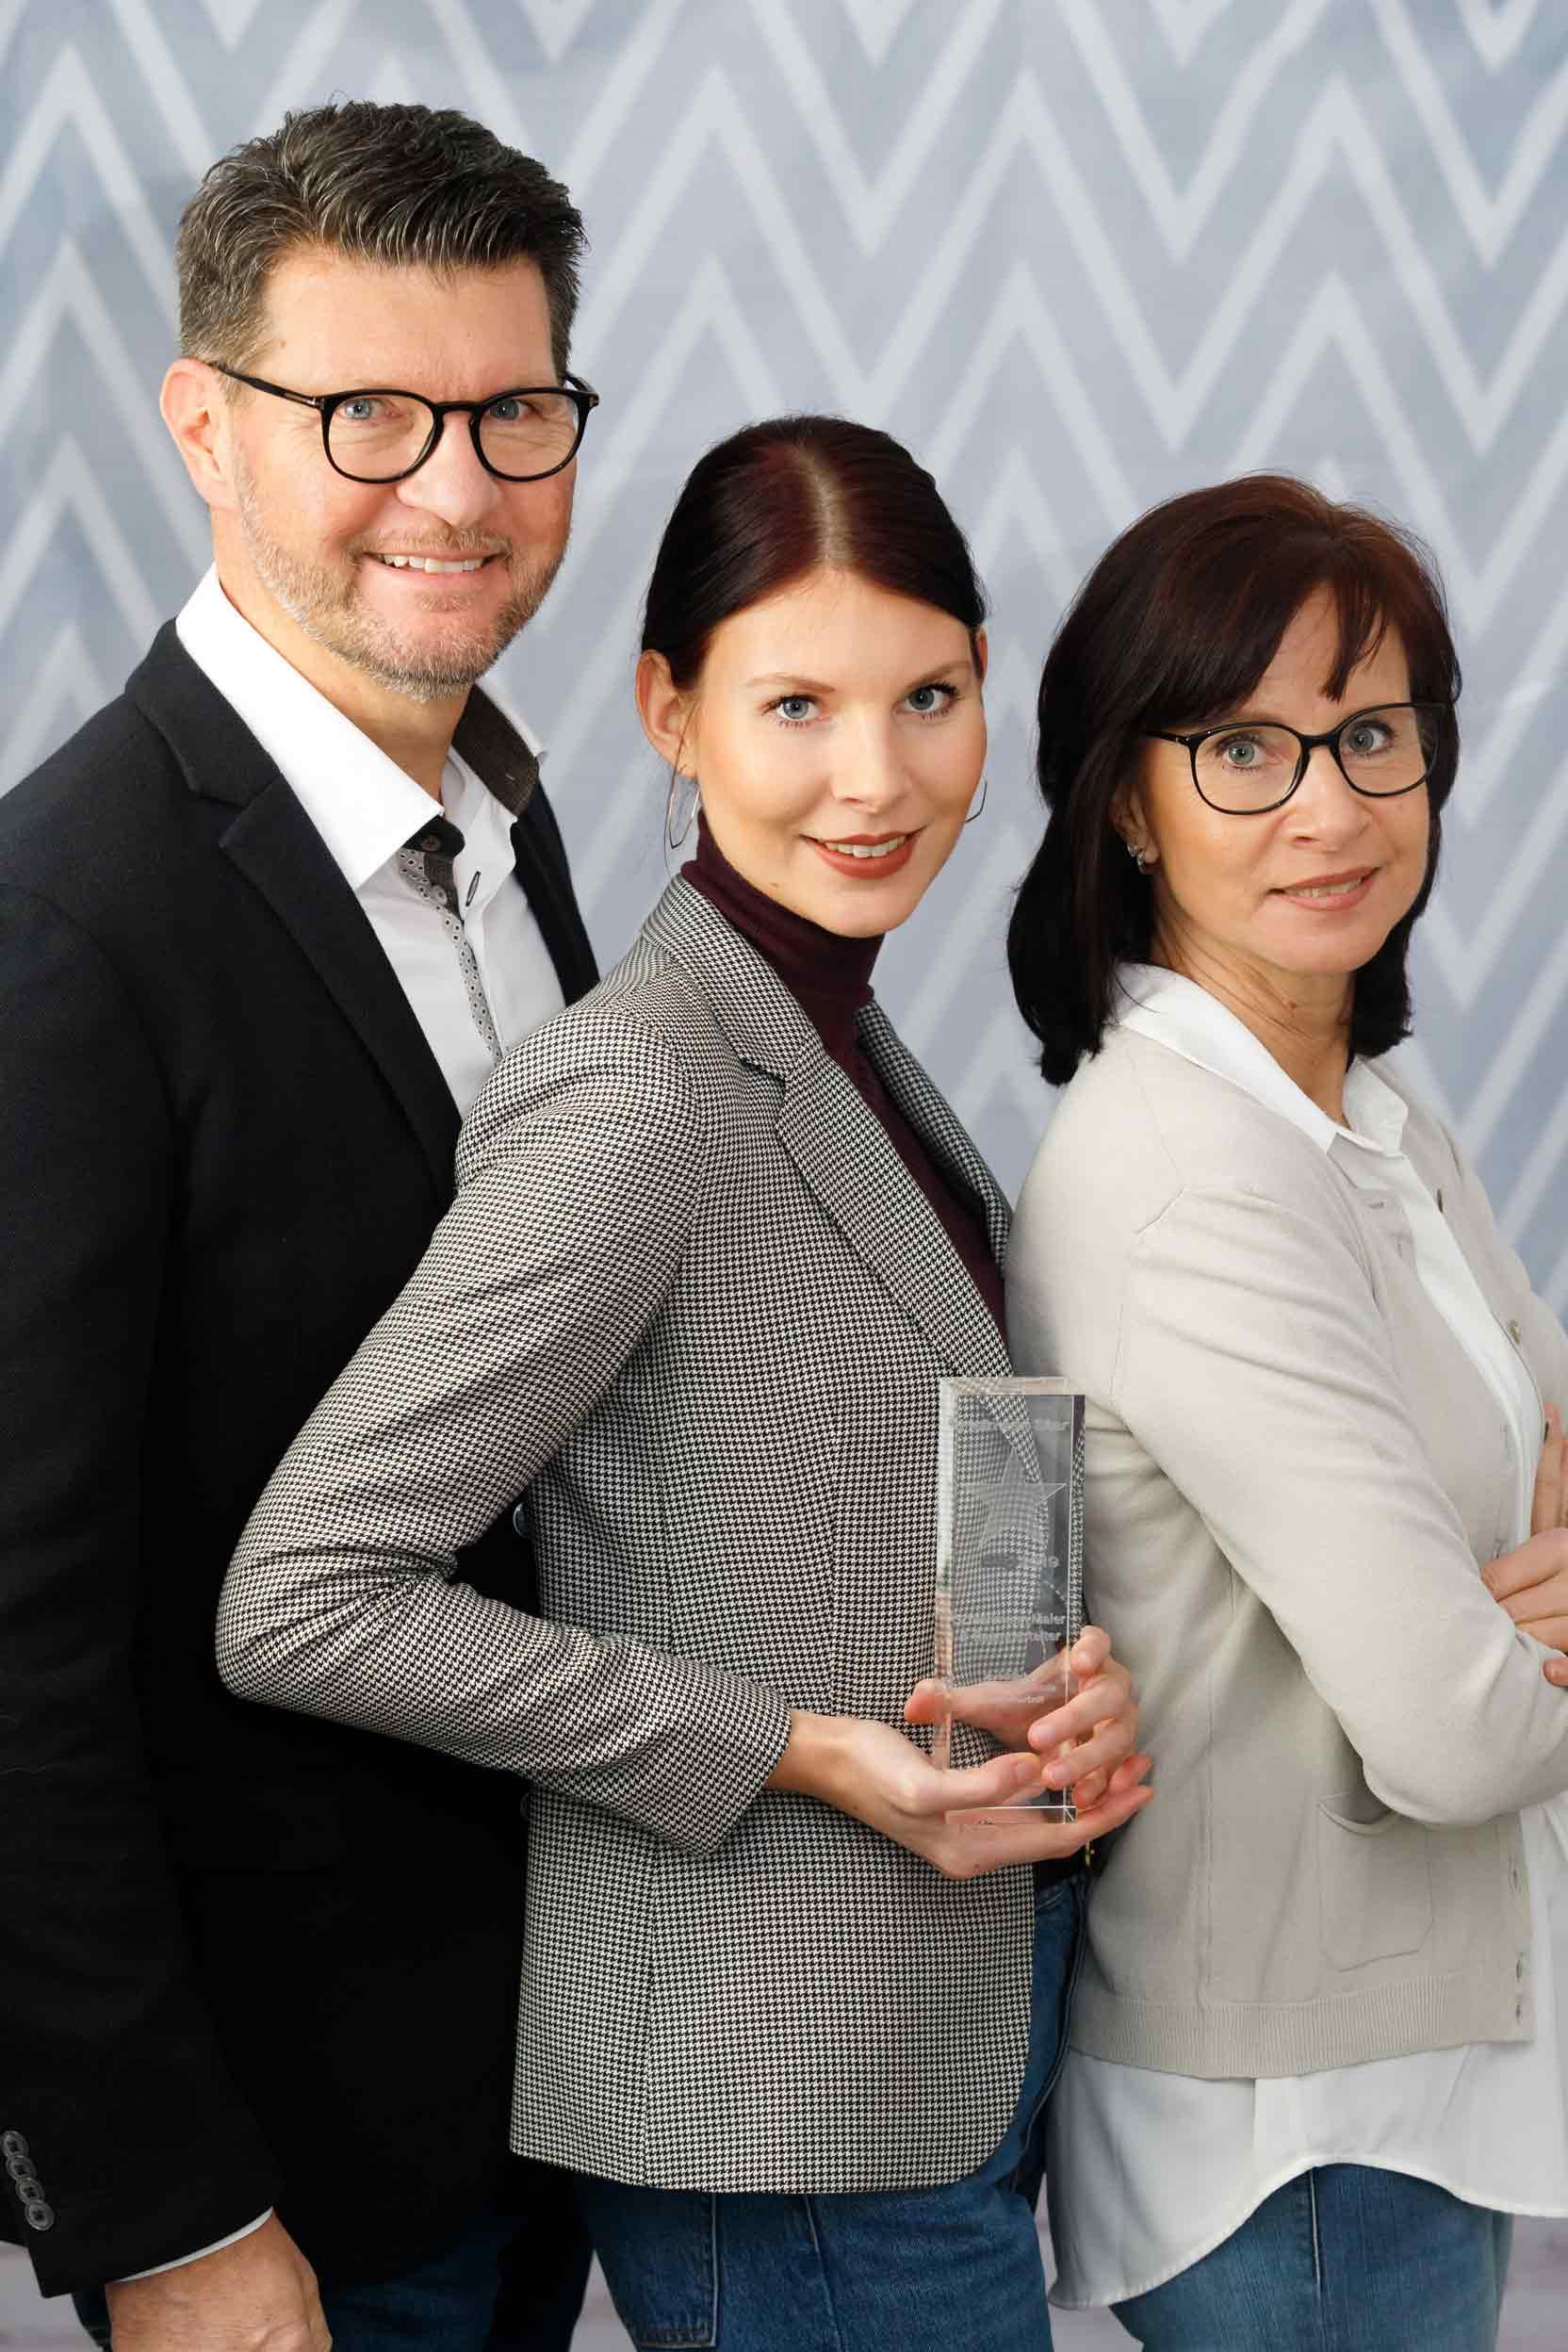 Heimtex Star Preisverleihung Businessfotograf IMG 6068w